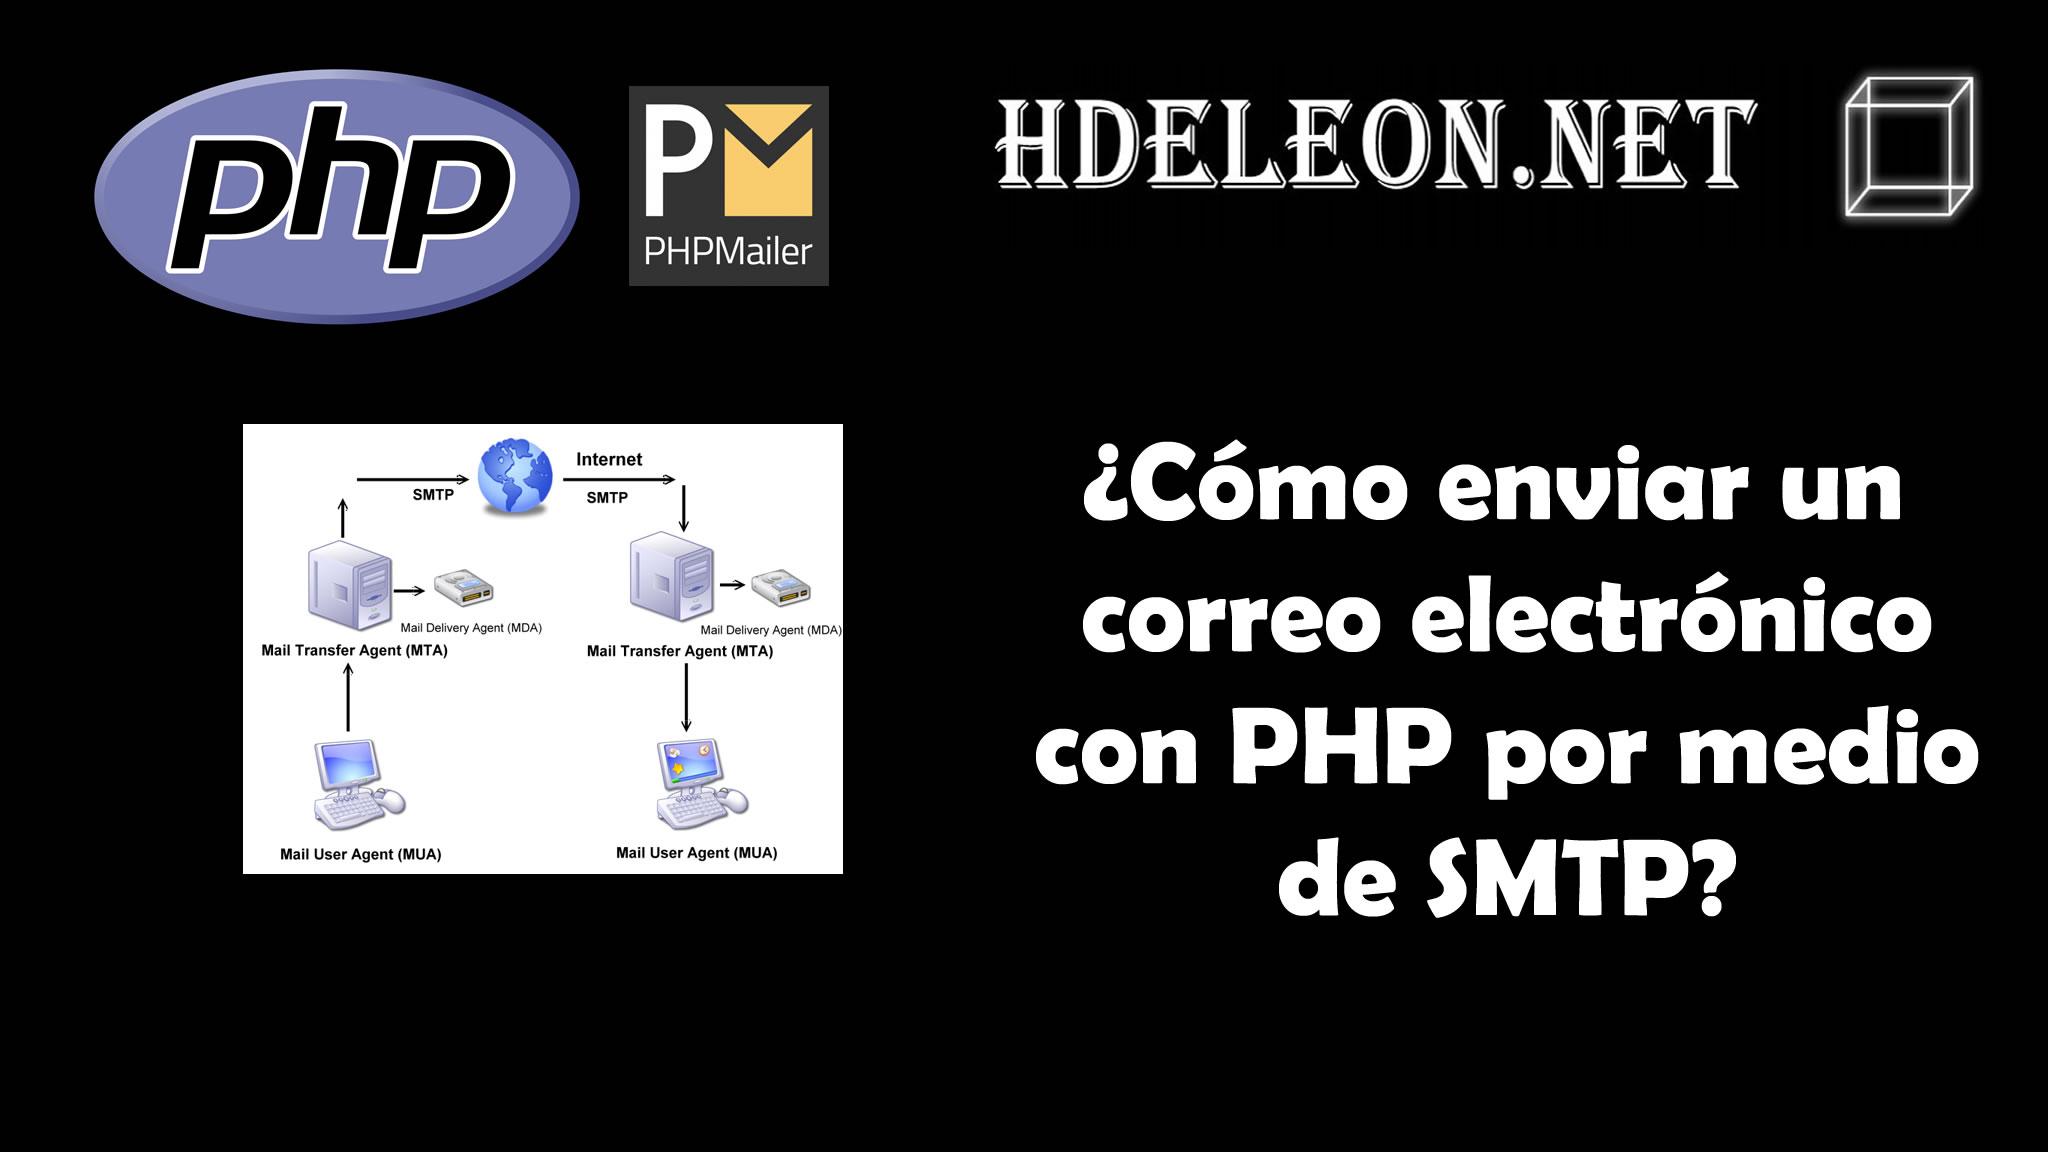 ¿Cómo enviar un correo electrónico con php por medio de SMTP? #php #phpmailer